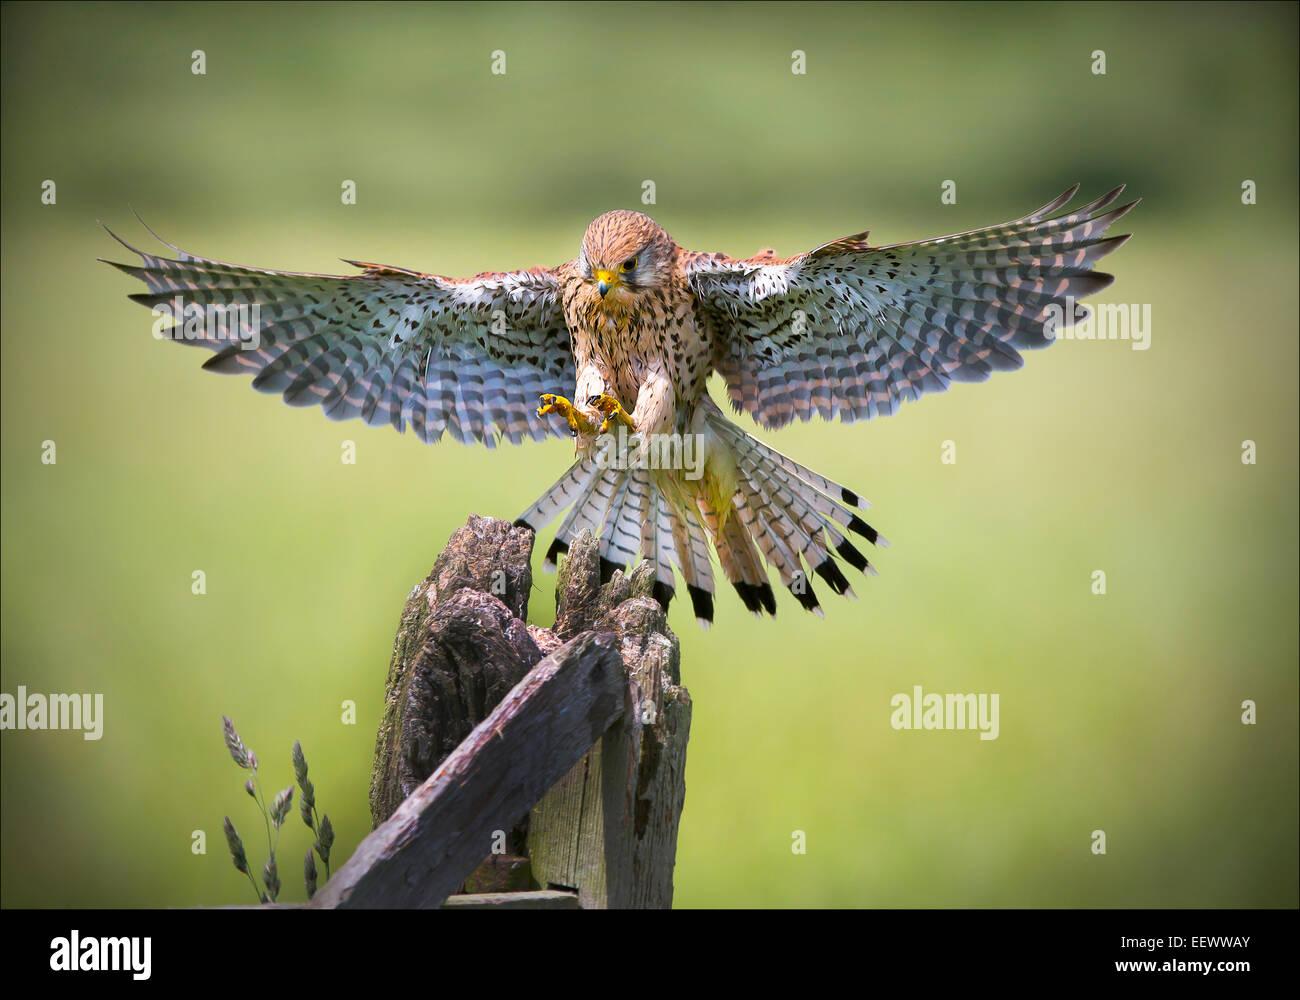 Female Kestrel Landing on Gate post - Stock Image